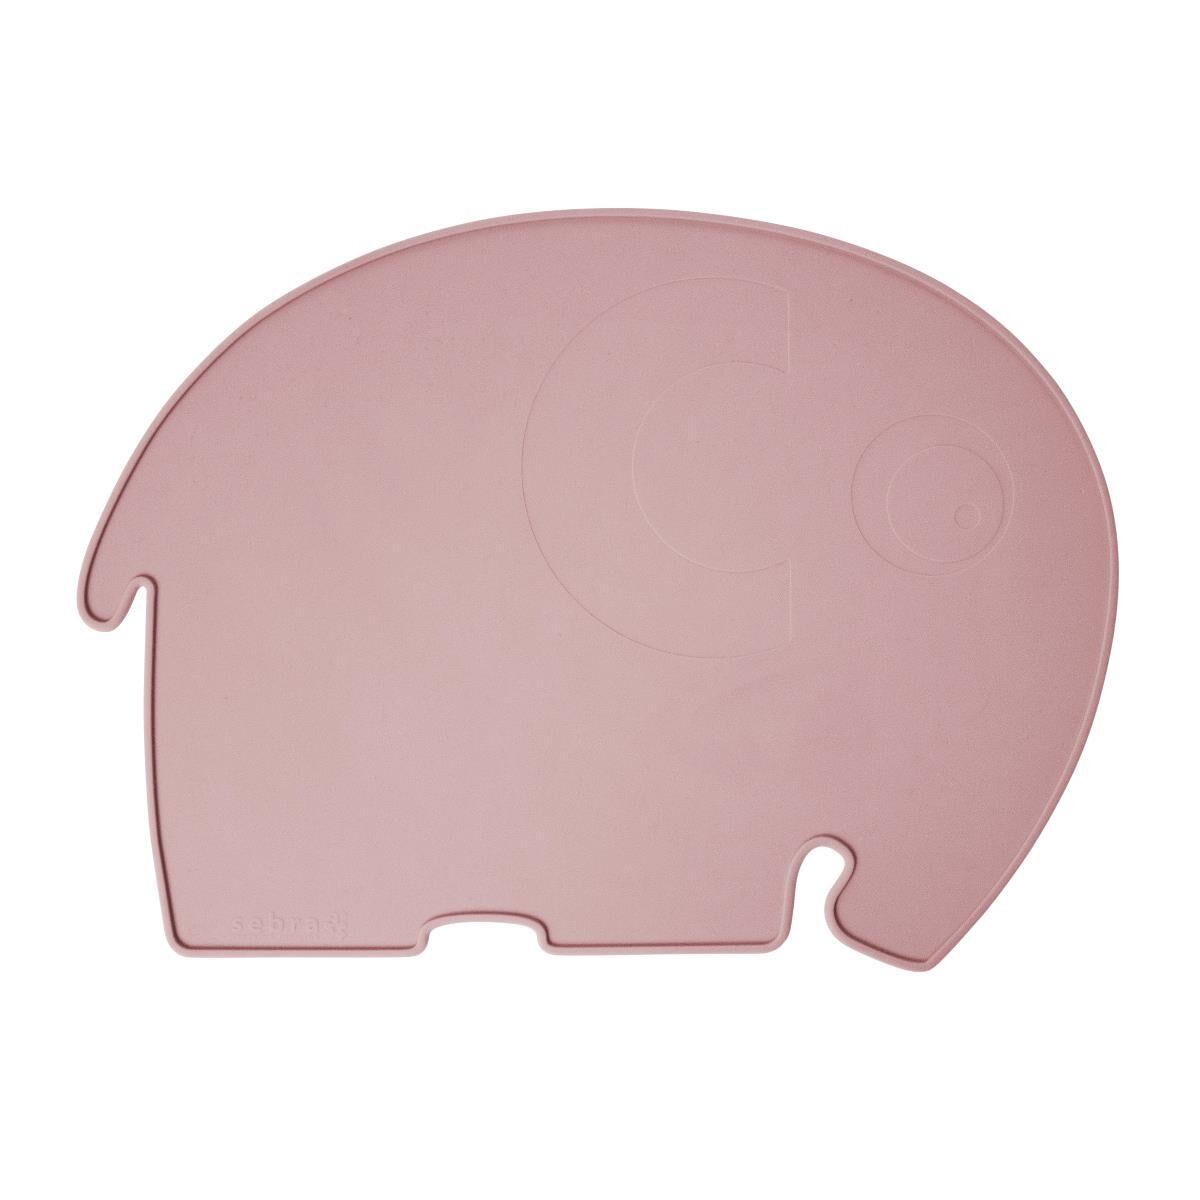 Sebra elefant spisebrikke til barn, blossom pink